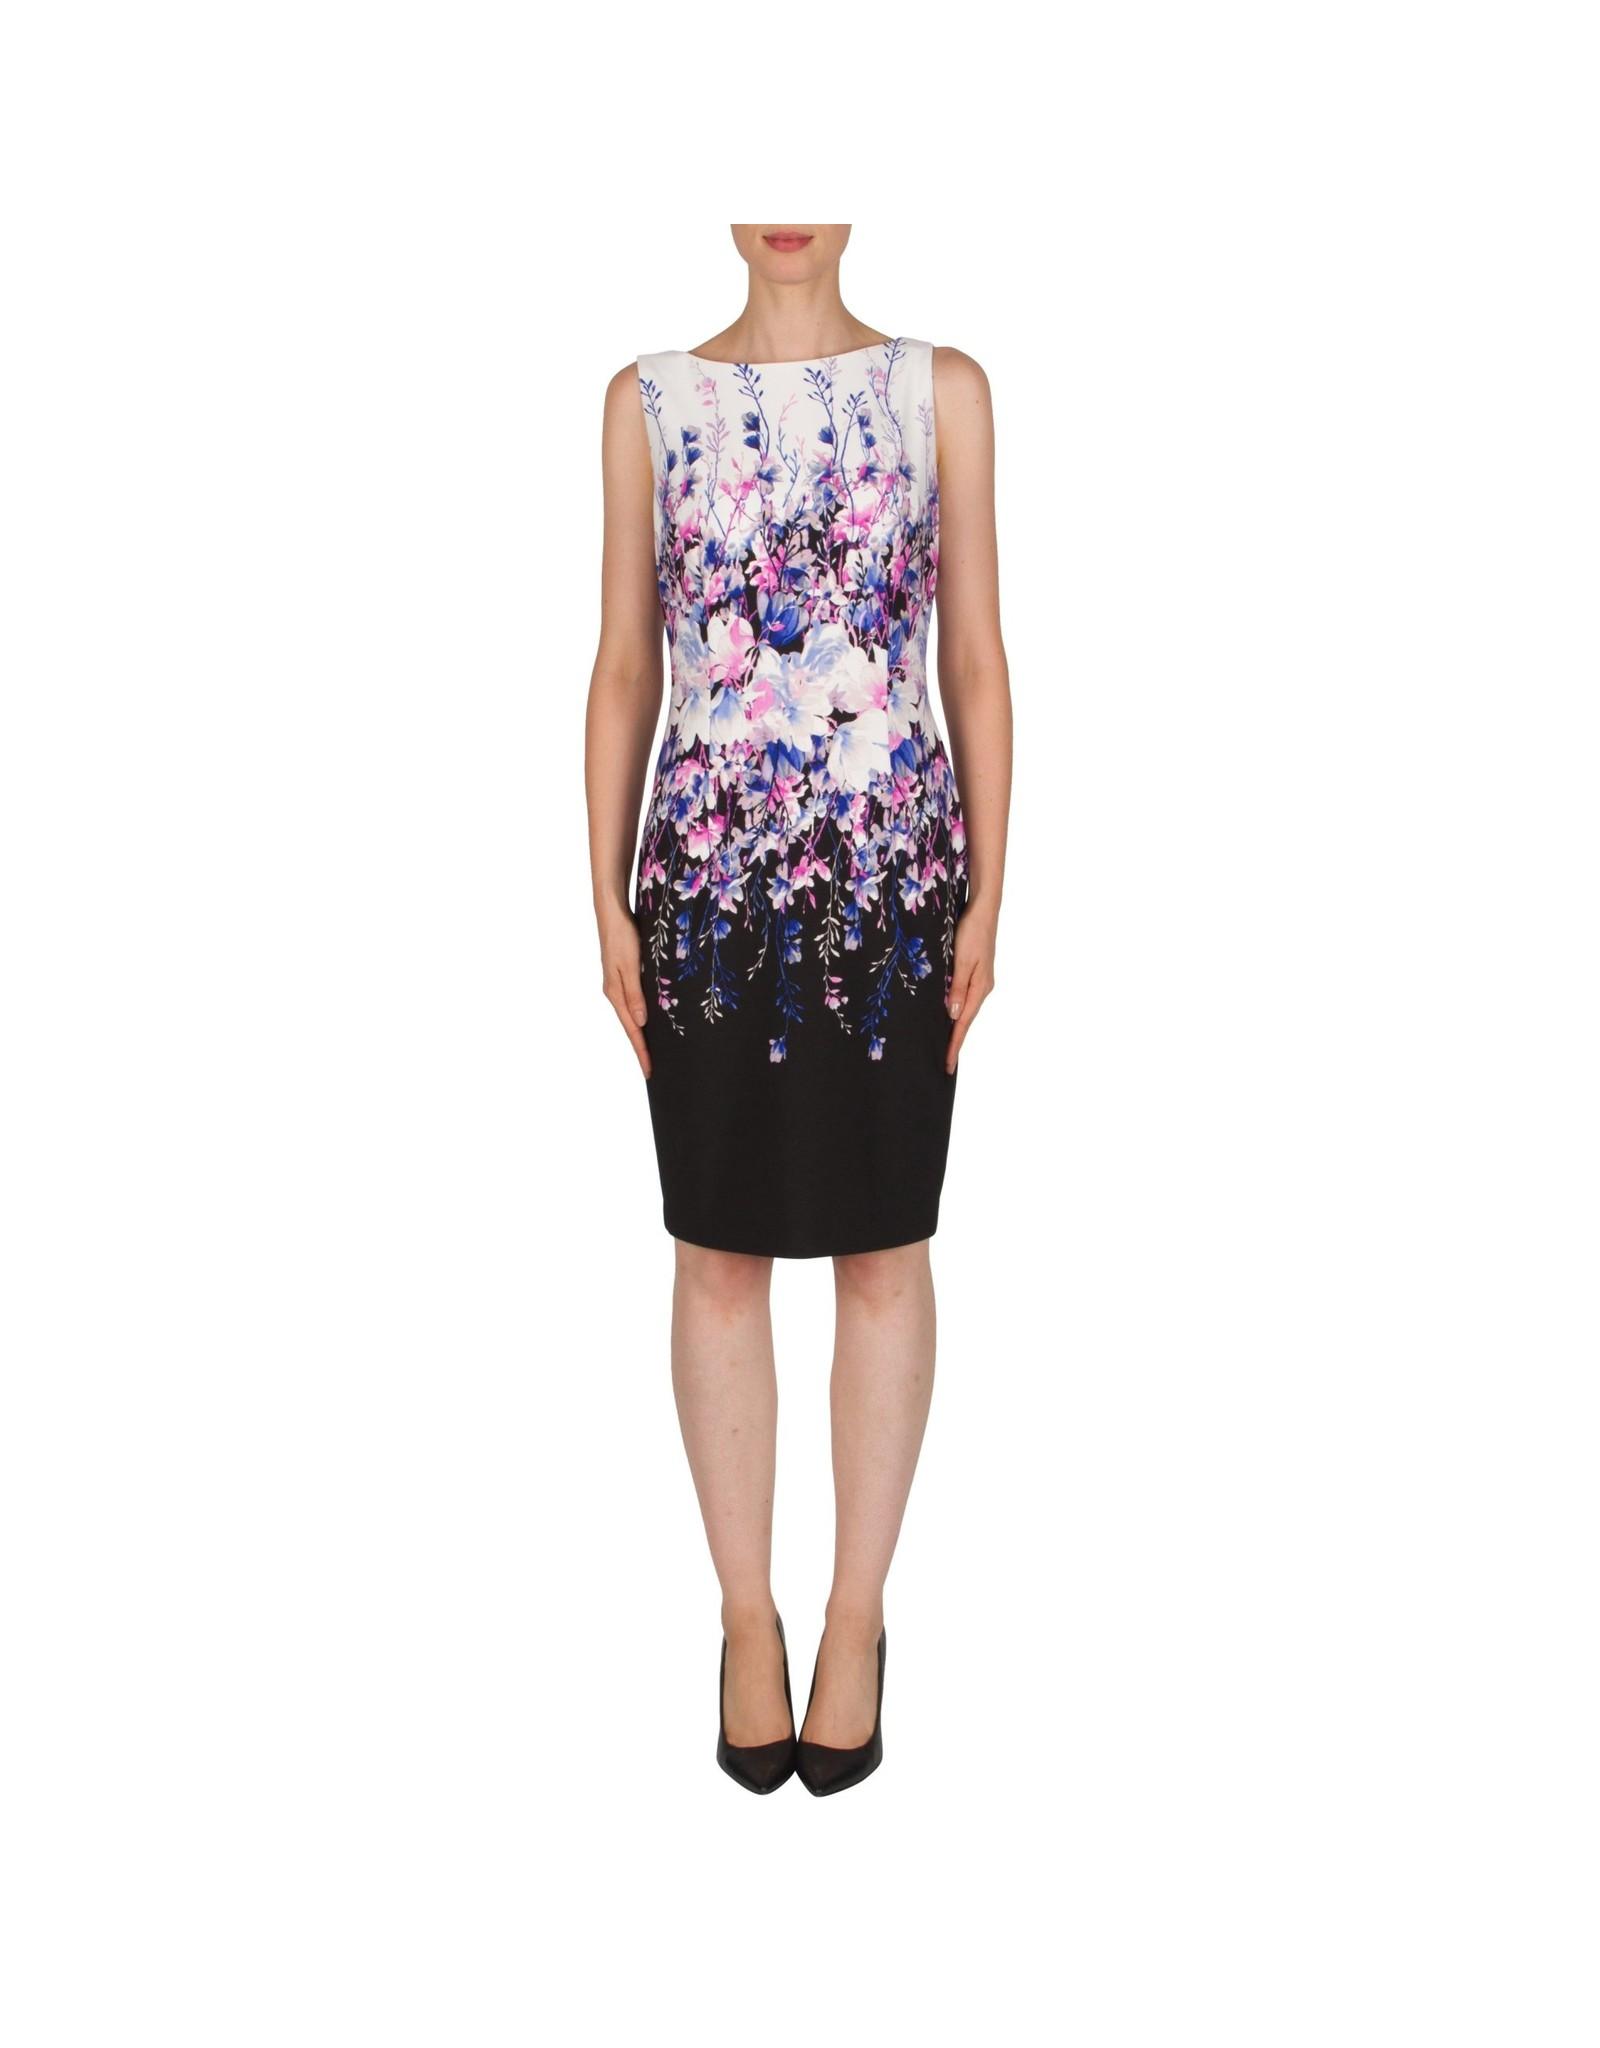 Joseph Ribkoff Joseph Ribkoff Blue/Pink Floral Dress Size 6